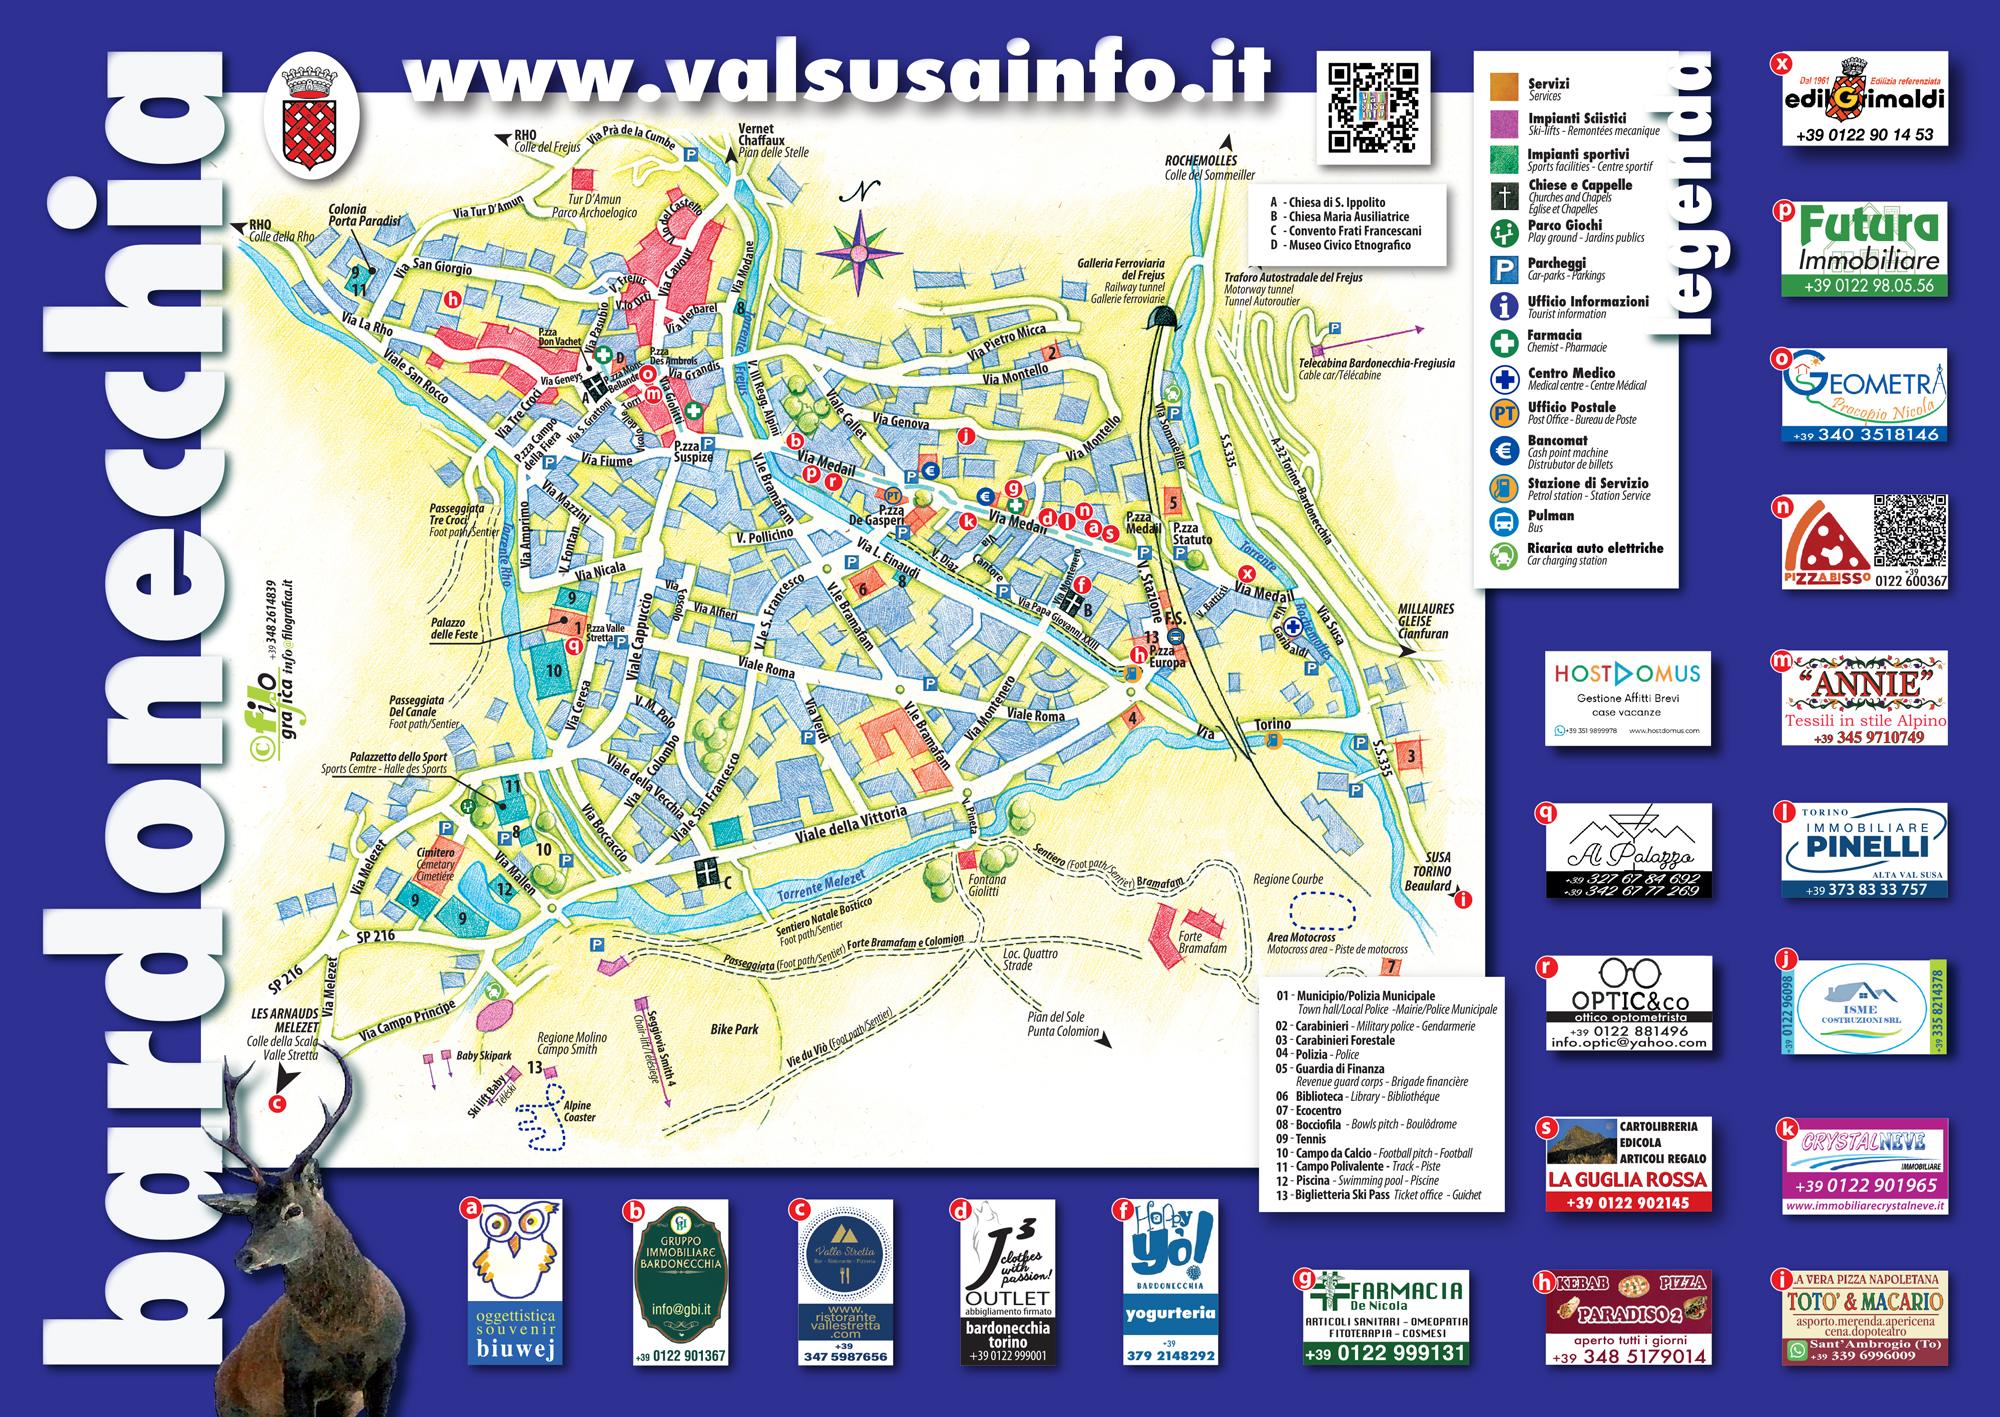 Bardonecchia Cartina Geografica.Valsusainfo Valchisoneinfo Bardonecchia La Guida Turistica E Le Mappe Informative